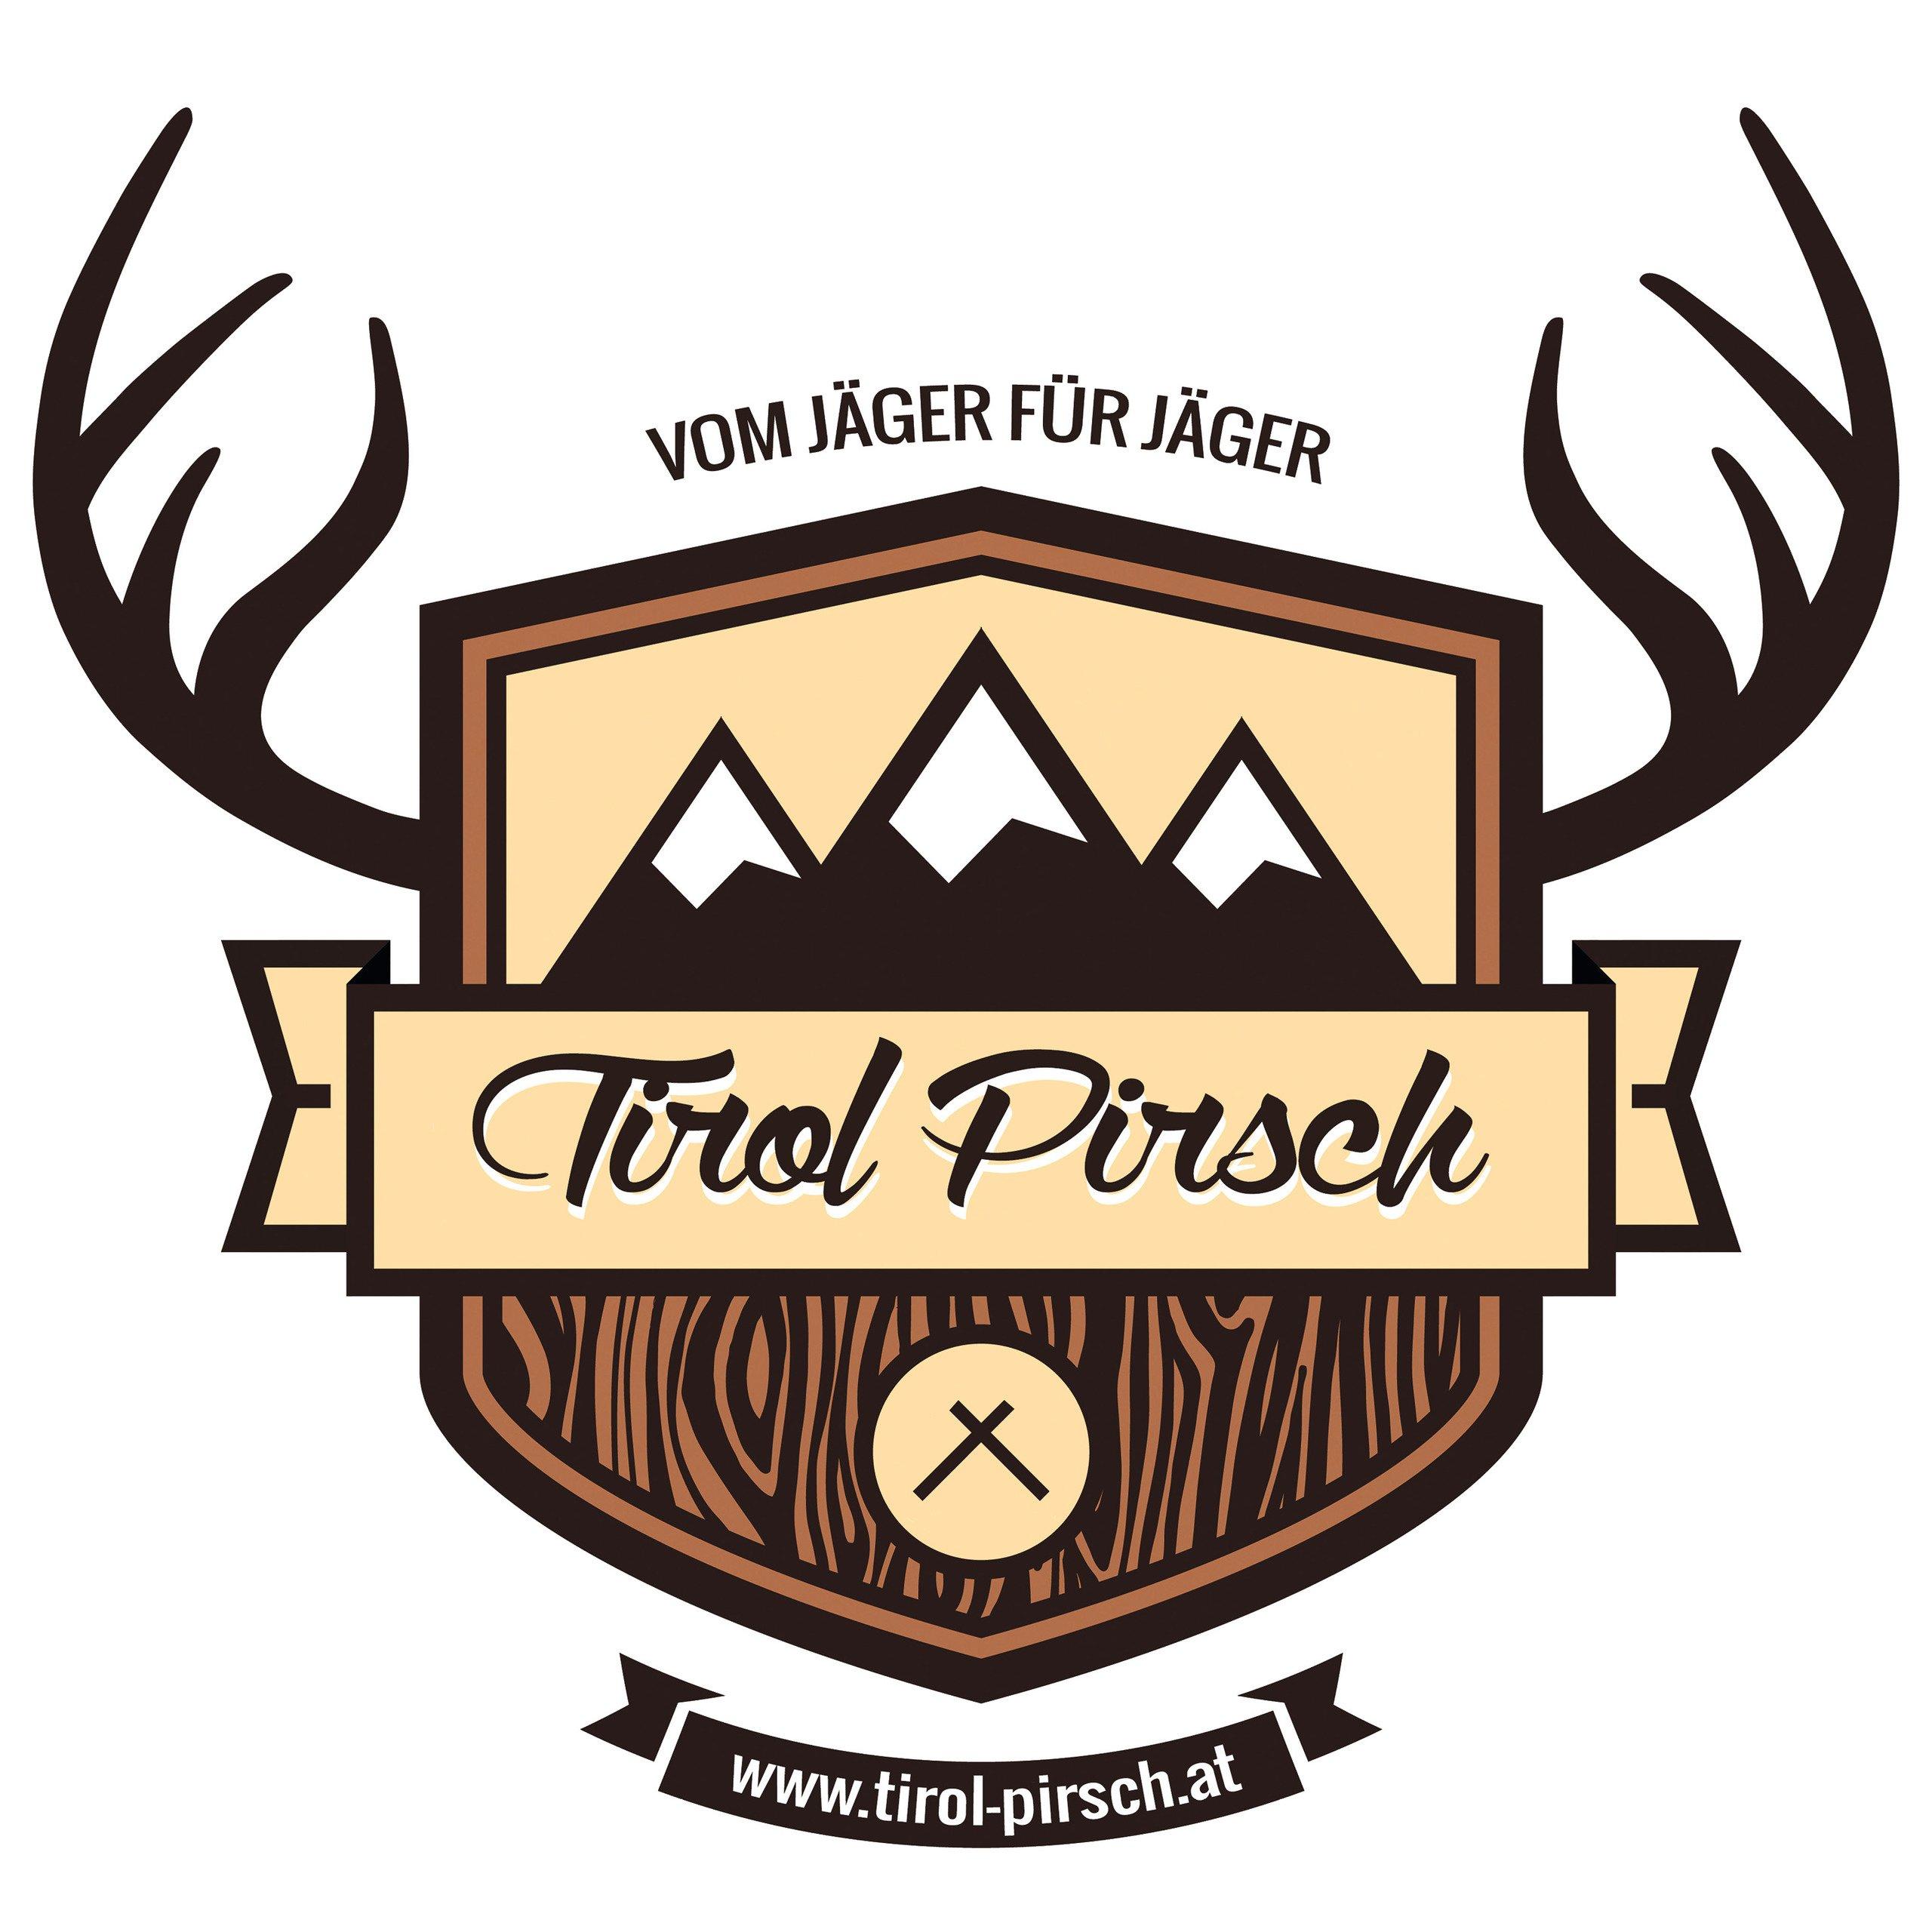 Tirol Pirsch